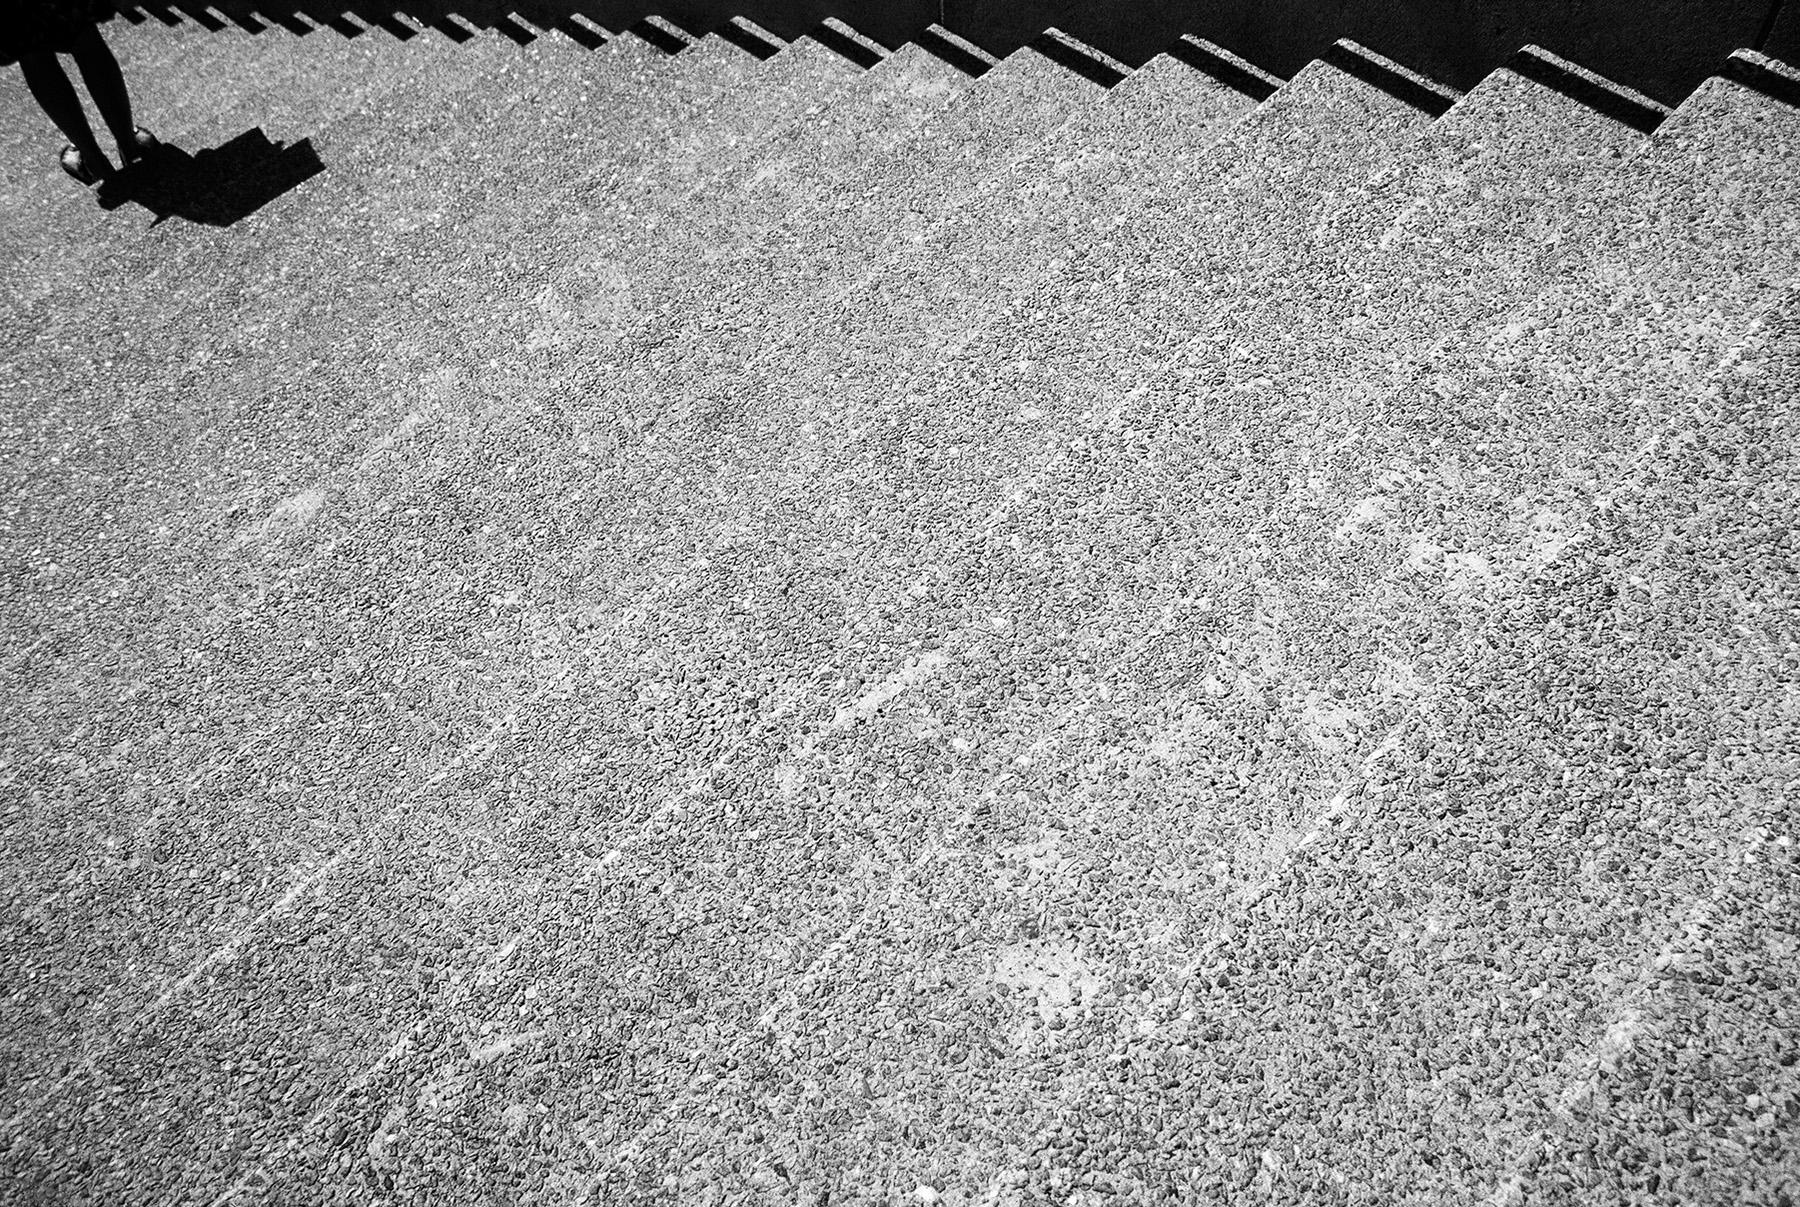 australian-film-photographer-07.jpg